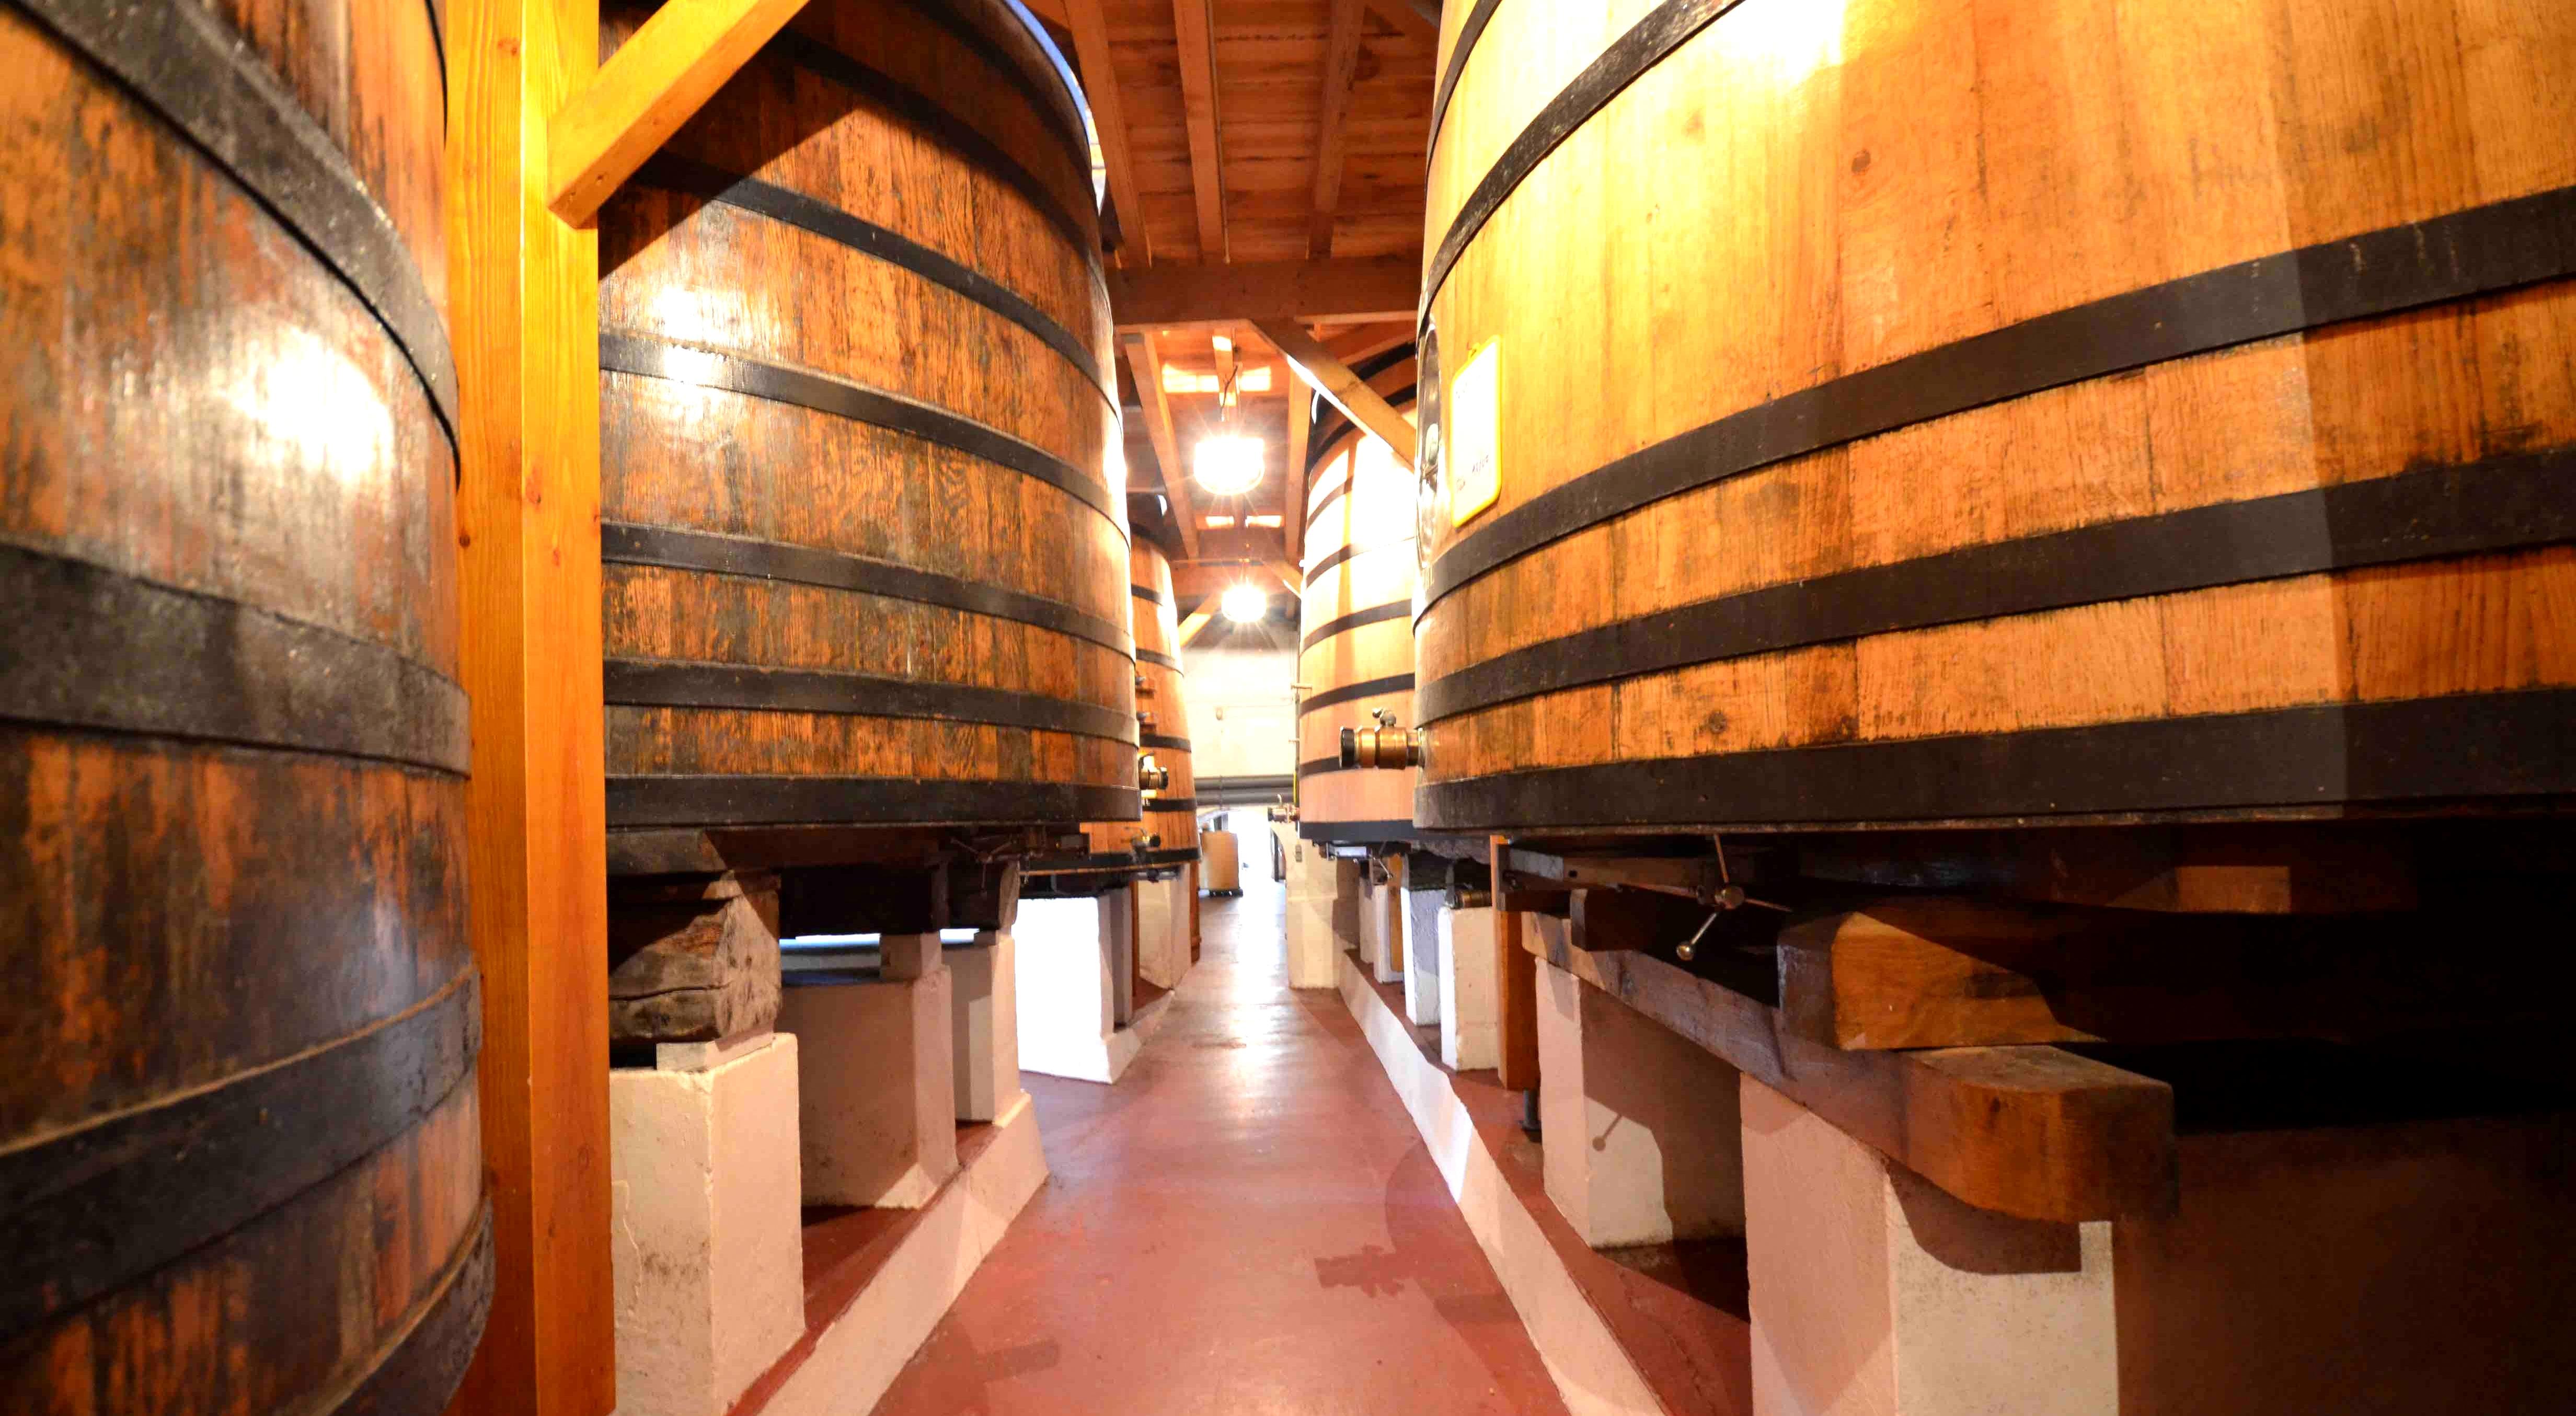 Petite escapade oenologique dans le Médoc - Bordeaux - BALADES EN TERROIR MÉDOCAIN - 2